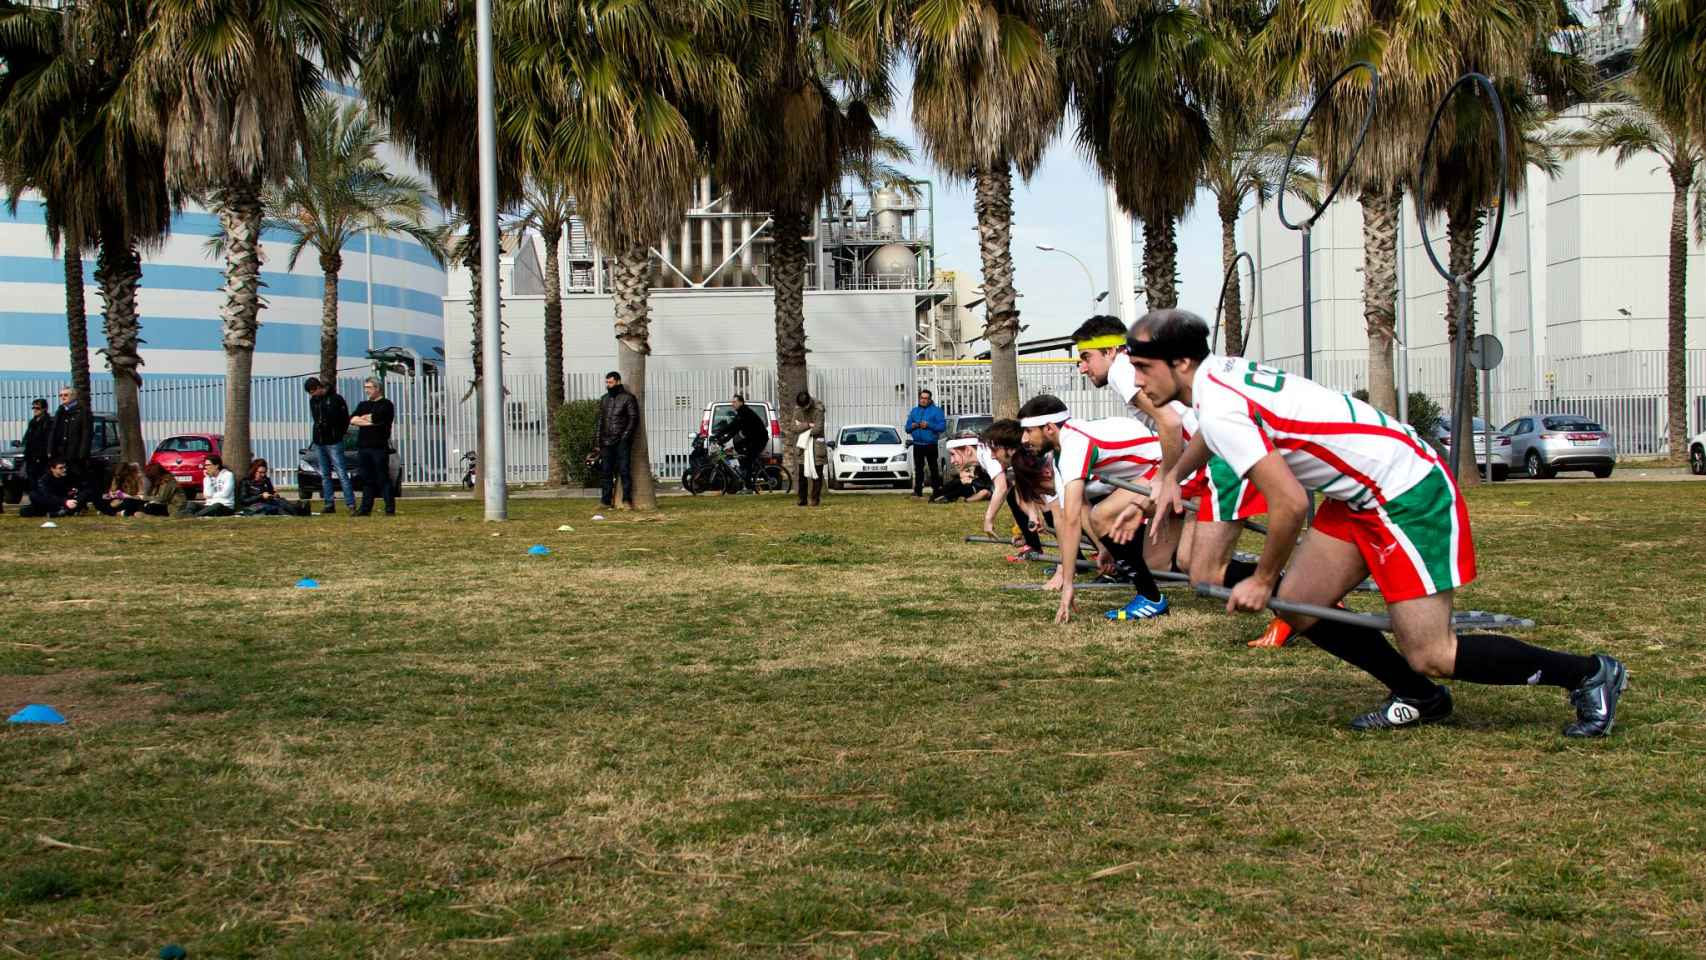 Jugadores del Bizkaia Boggarts durante un partido. / Bizkaia Boggarts Quidditch Taldea